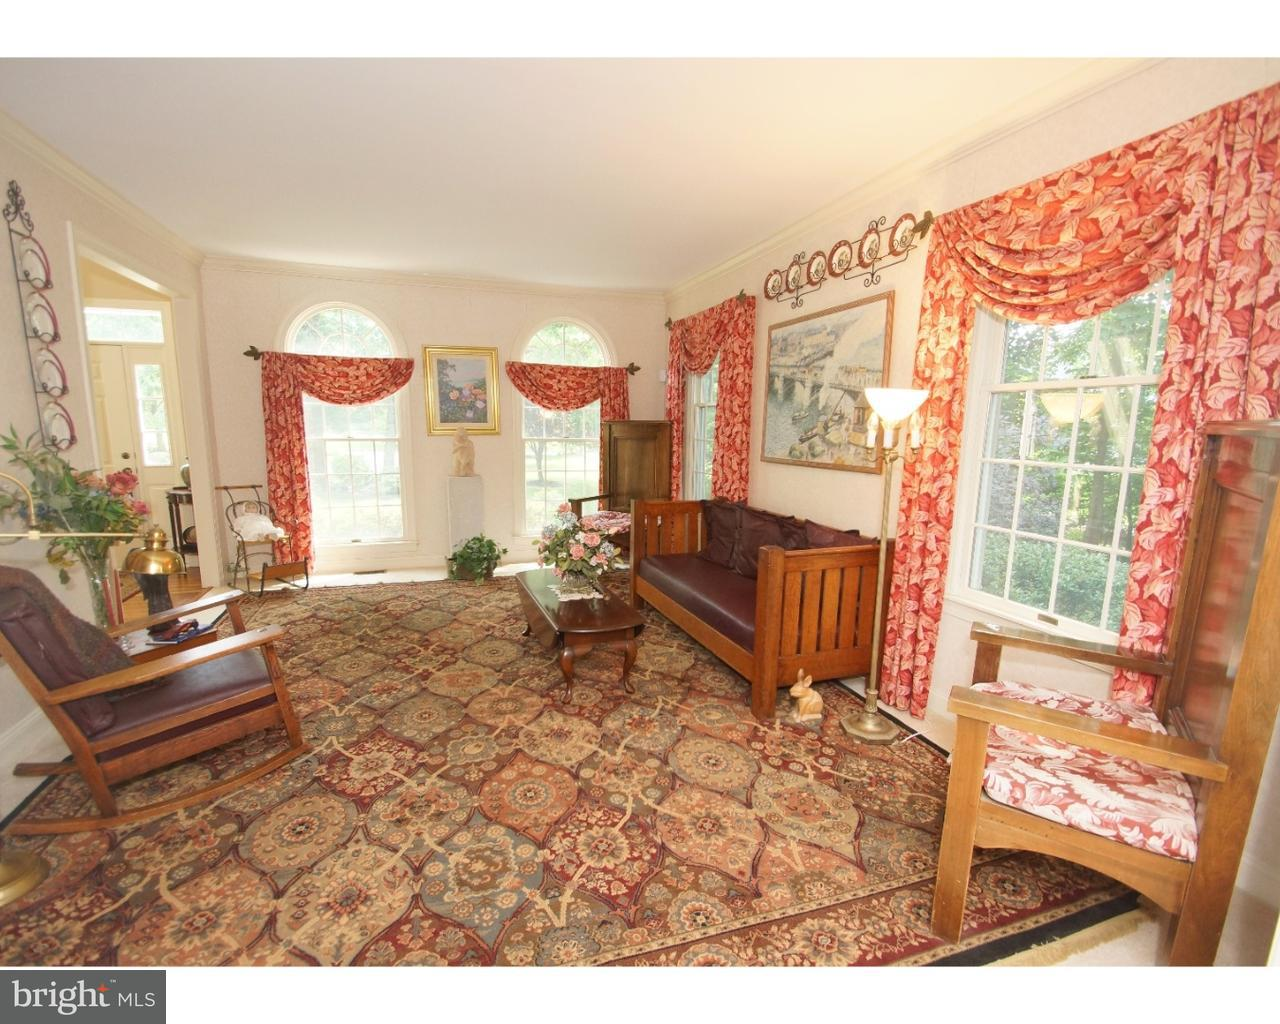 3795 S MALLARD LN, DOYLESTOWN - Listed at $774,900, DOYLESTOWN